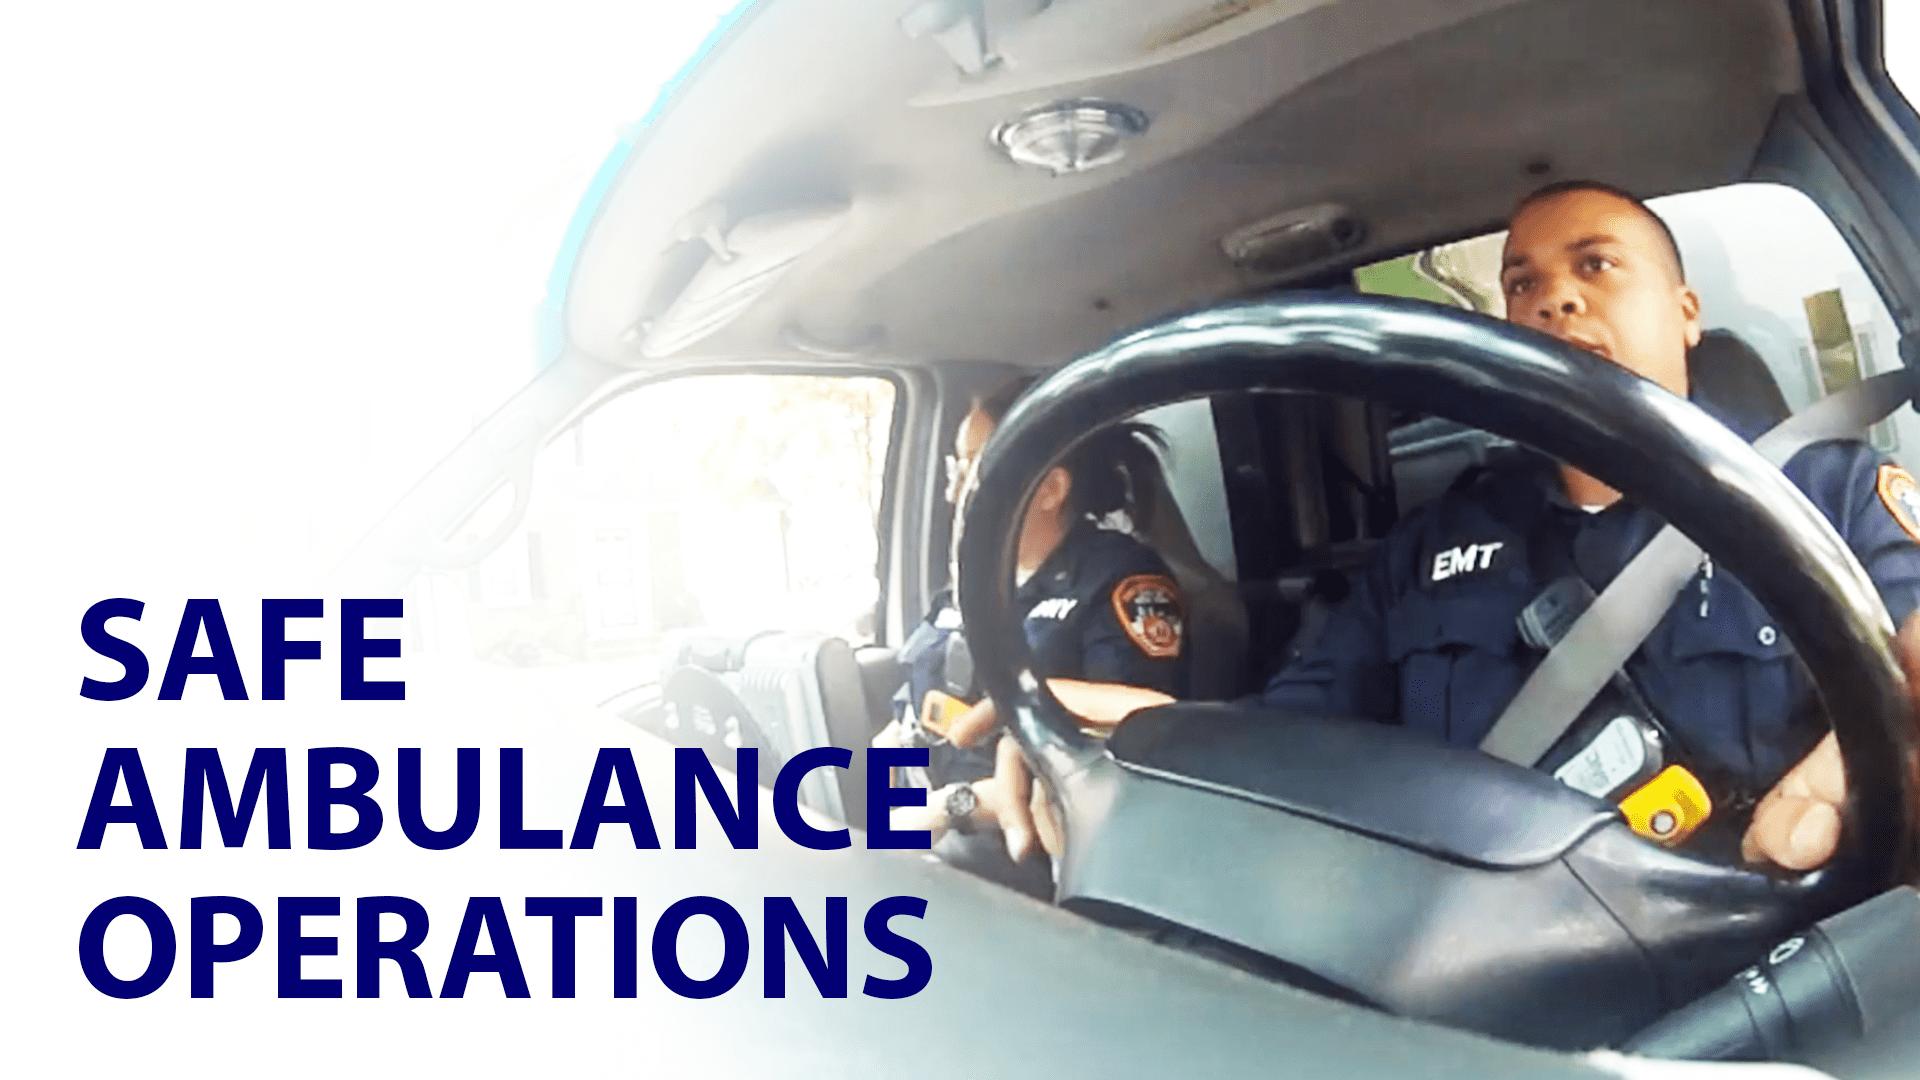 saf-ambulance-ops